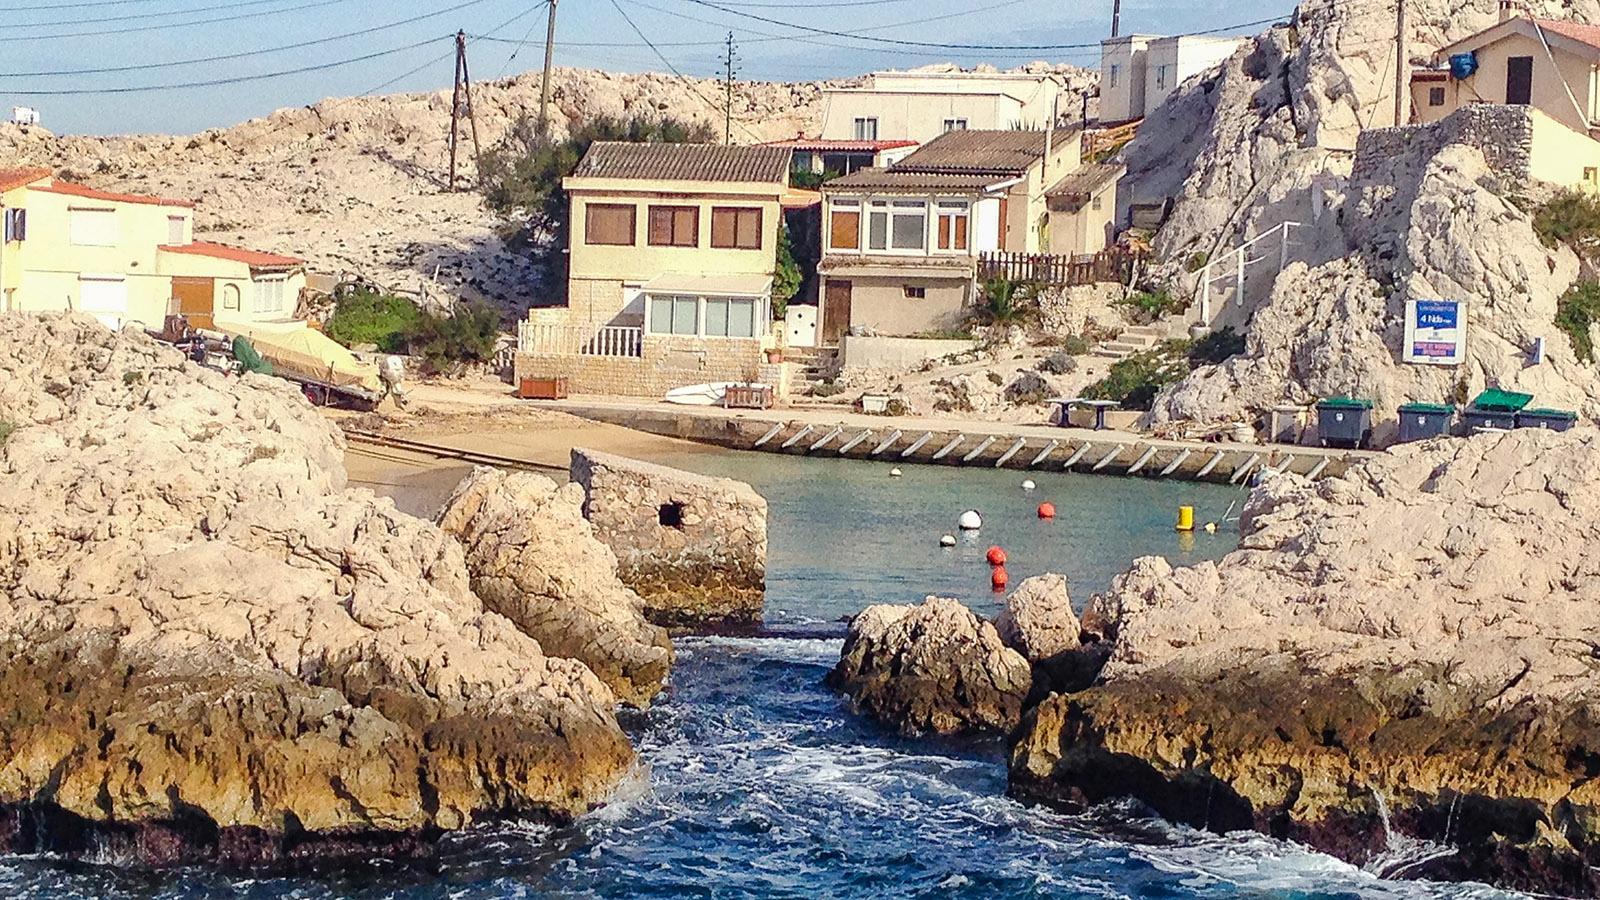 Calanques de Marseille: am Cap Croisette. Foto: Hilke Maunder